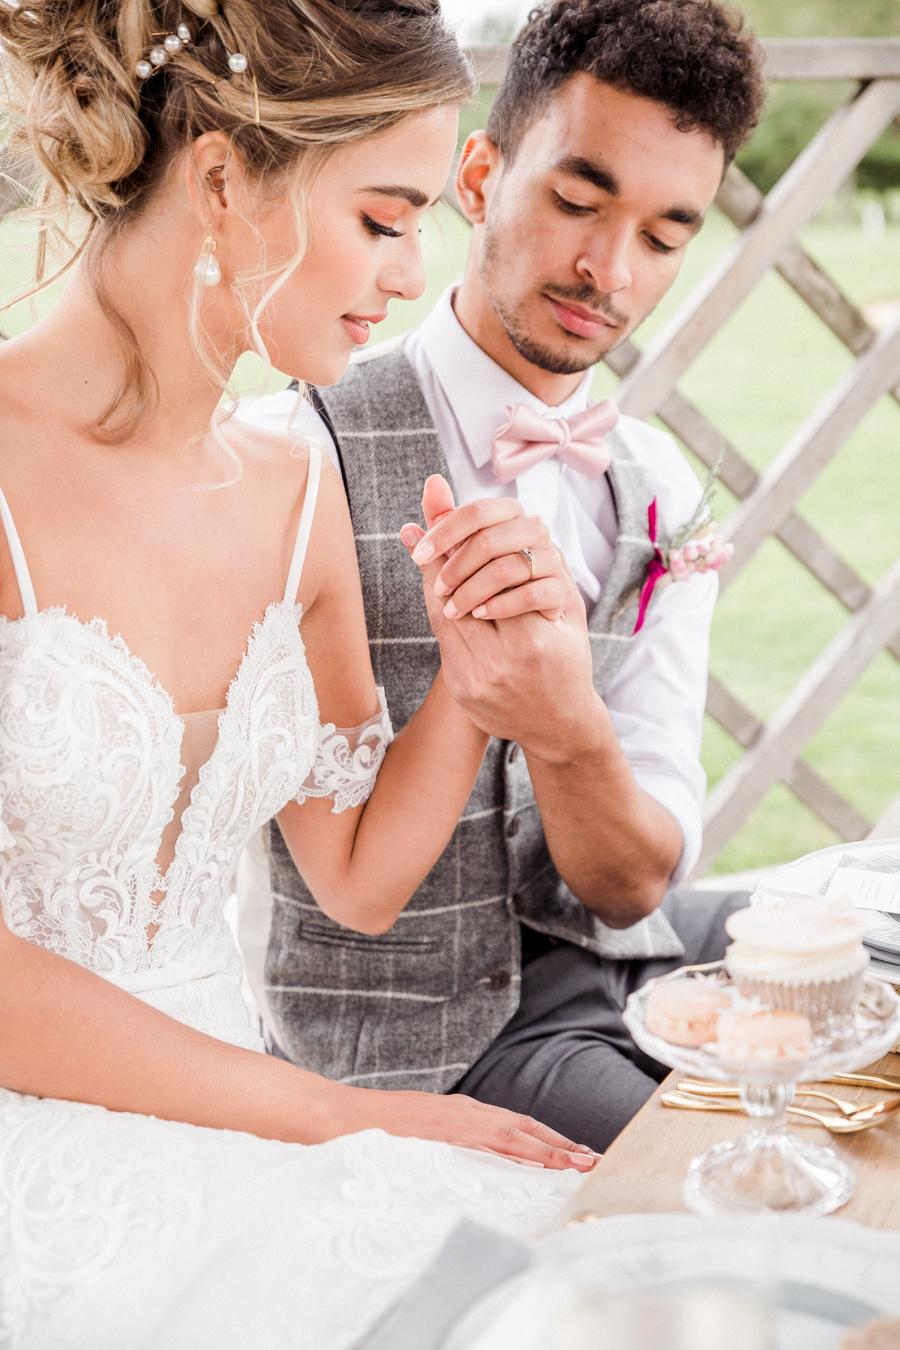 Hertfordshire Boho Themed Styled Wedding Shoot, photographer credit Absolute Photo UK (39)